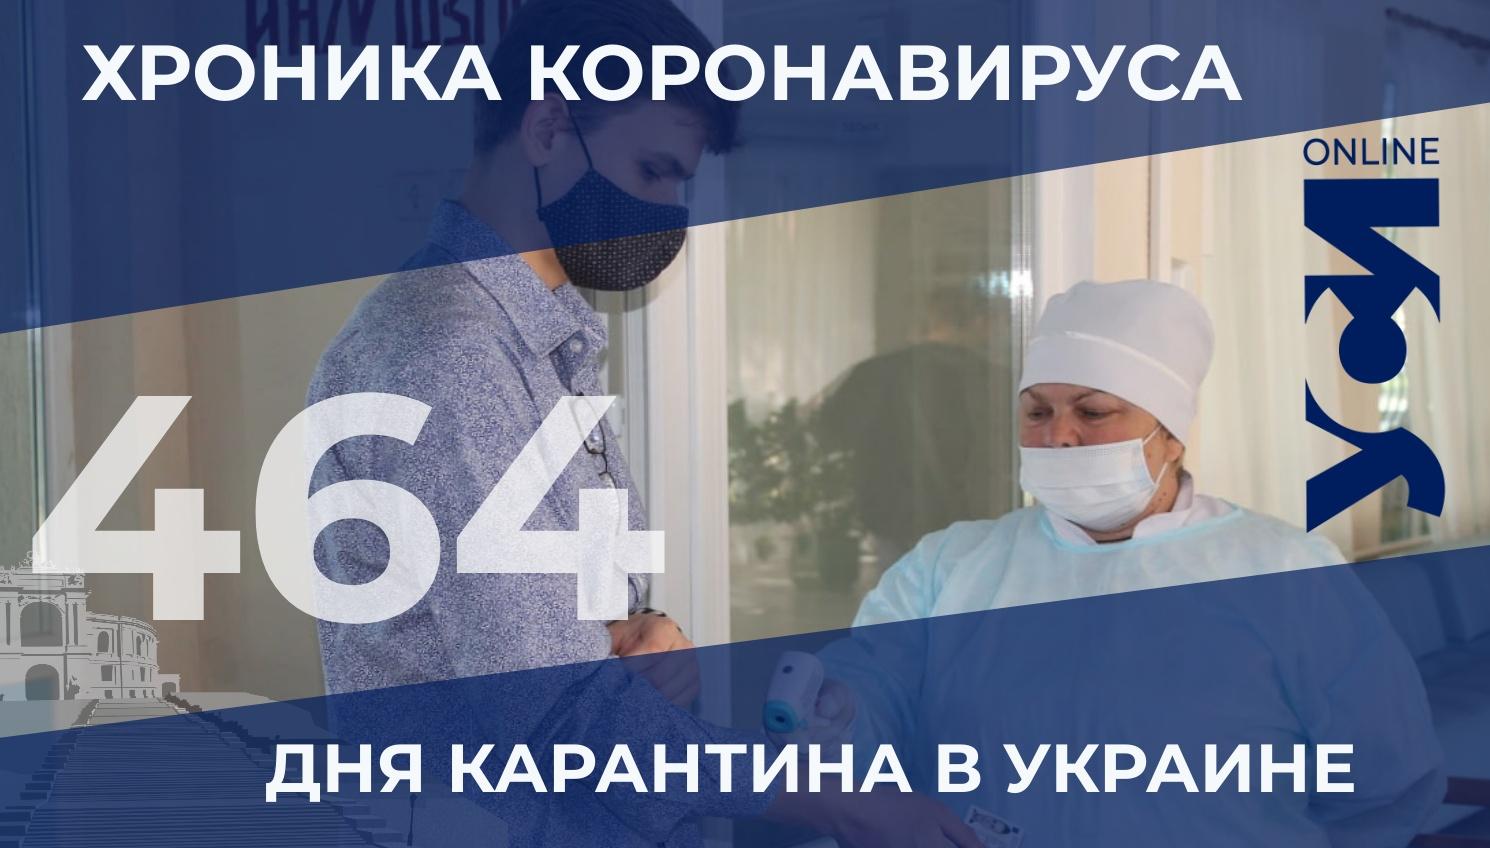 Хроника COVID-19: в Одесской области 42 новых заболевших «фото»